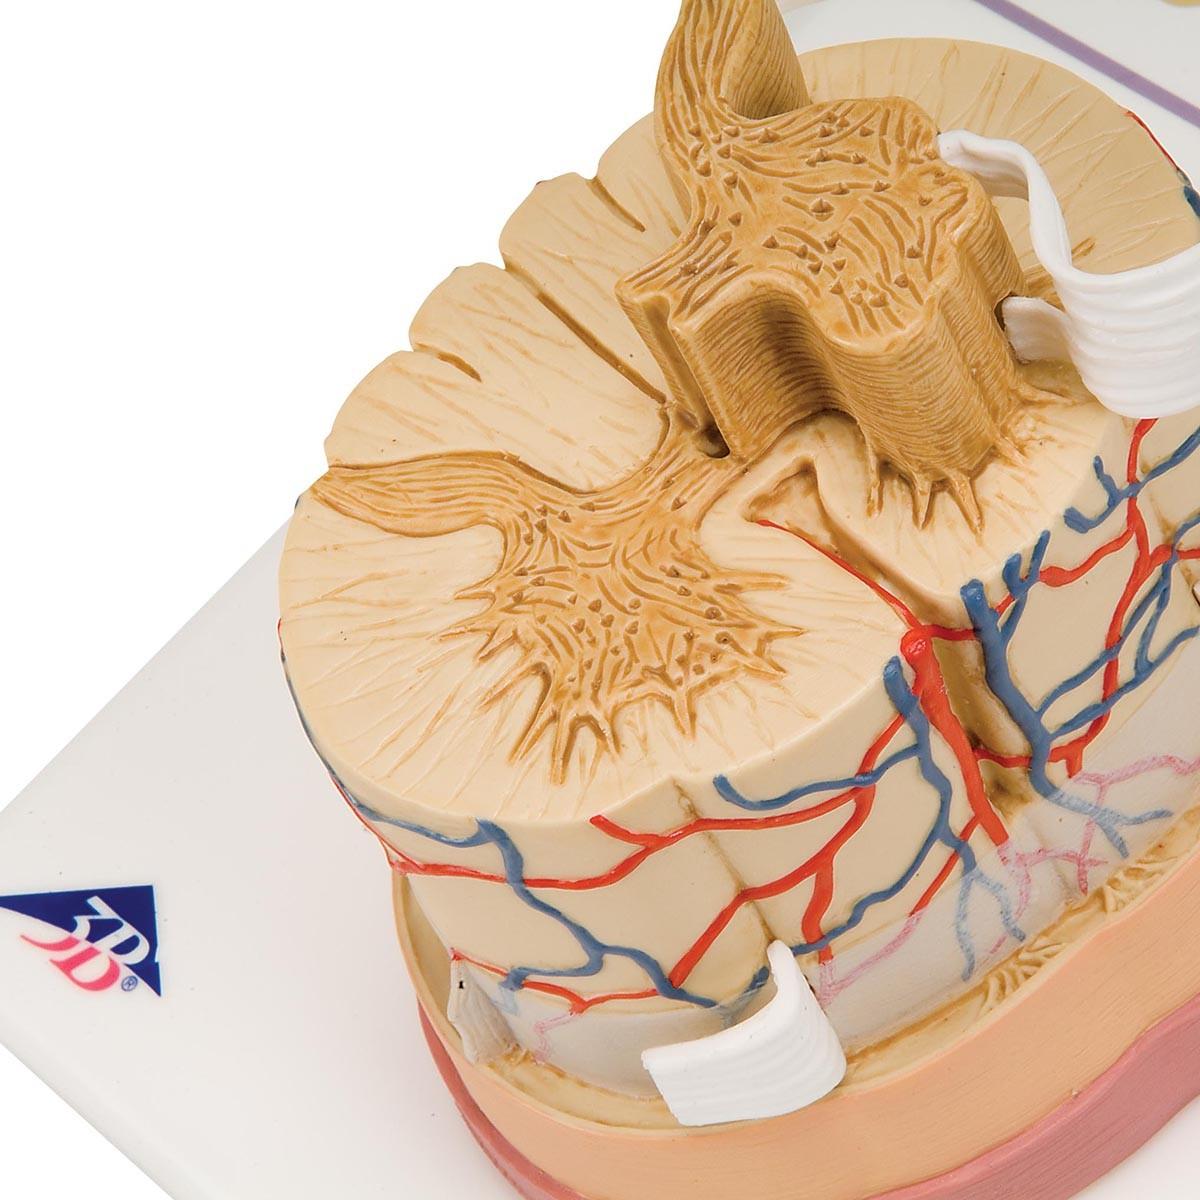 Rückenmark mit Nervenenden